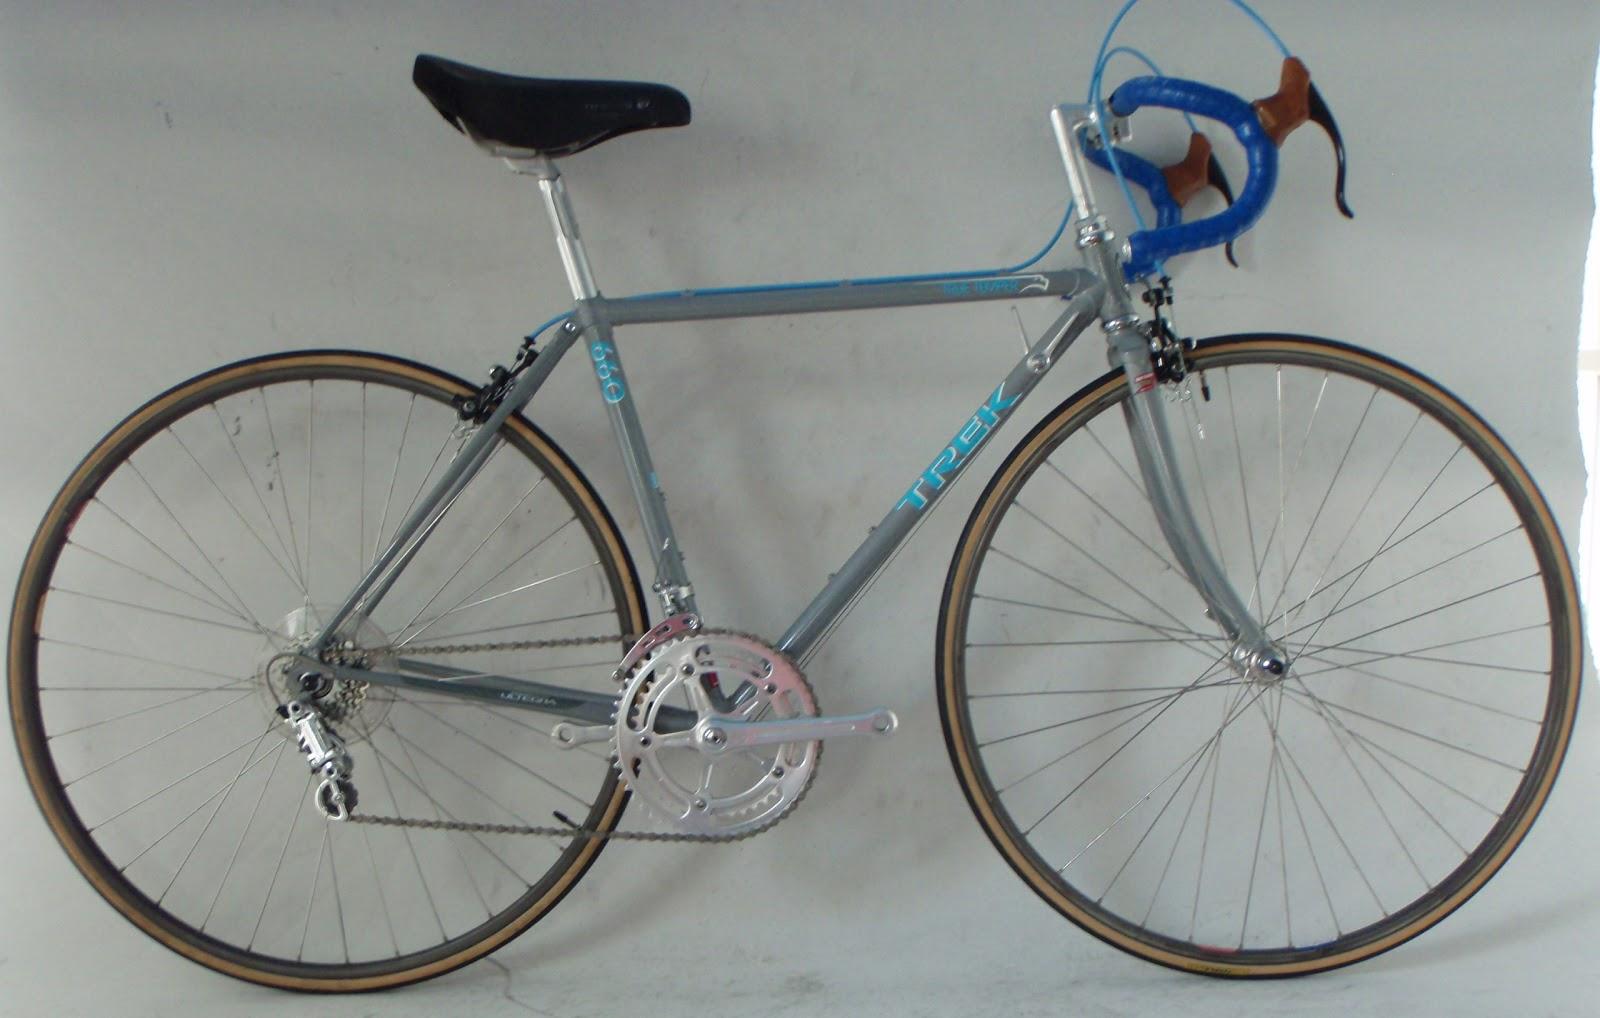 b10dee1b13a Vintage 1989 Trek 660 47 cm steel road bike 6-speed Campagnolo Nuovo Record  Modolo Maillard wheel set